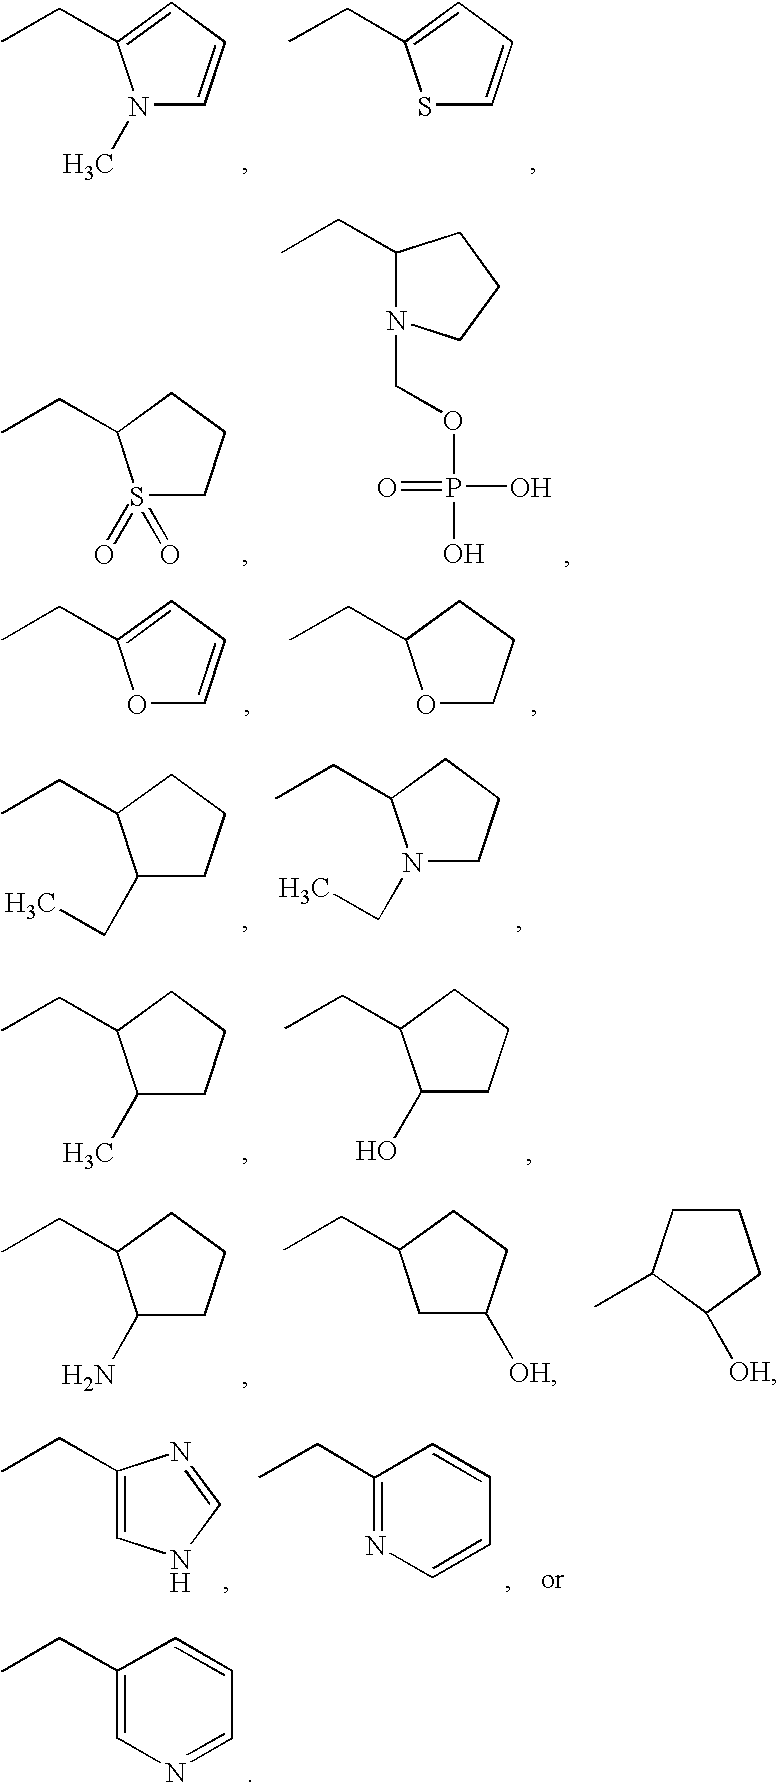 Figure US20050113341A1-20050526-C00088